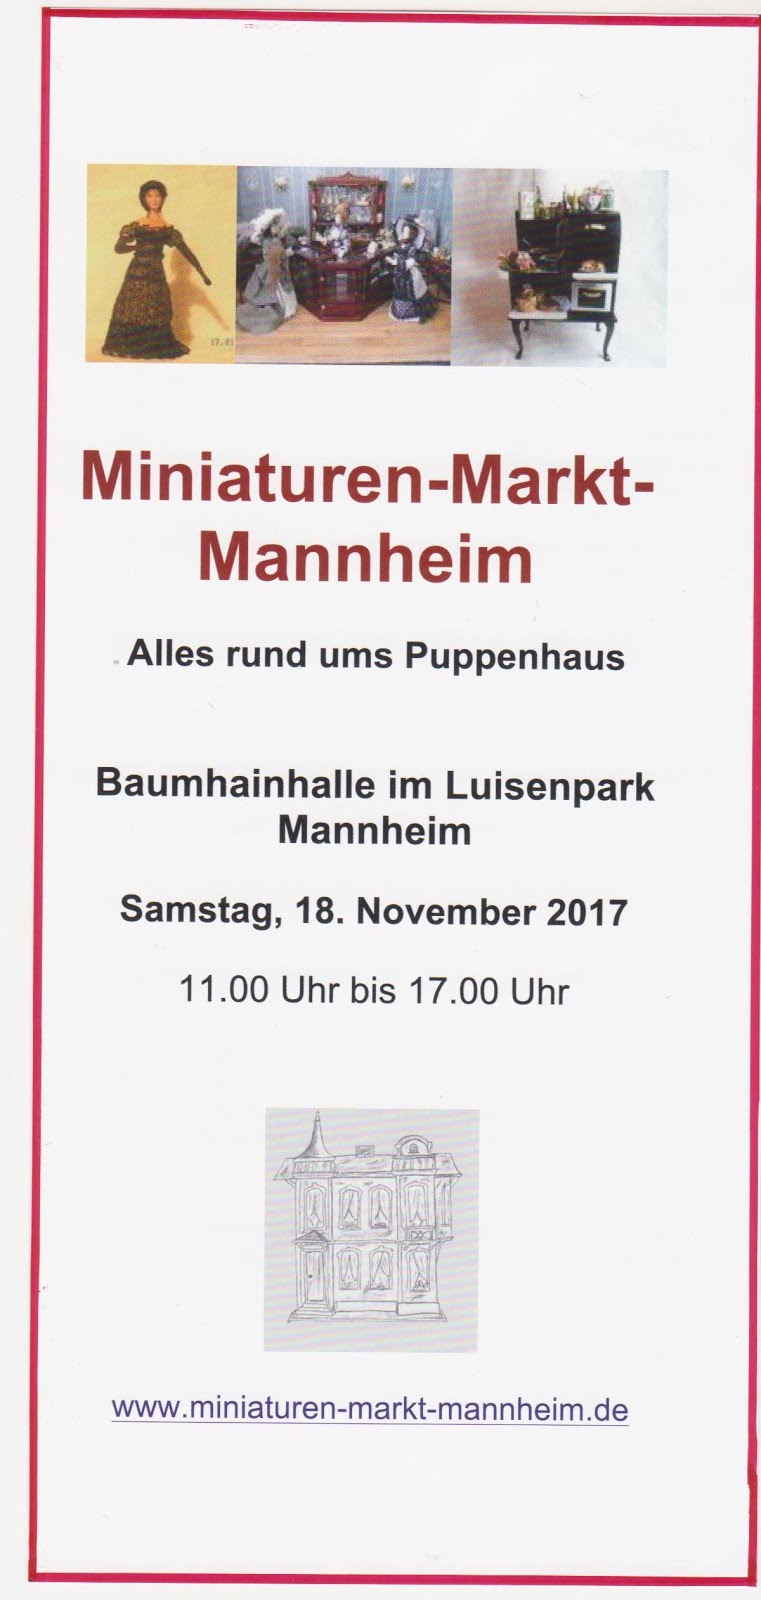 Miniaturen-Markt-Mannheim  18.11.2017 von 11 - 17 Uhr